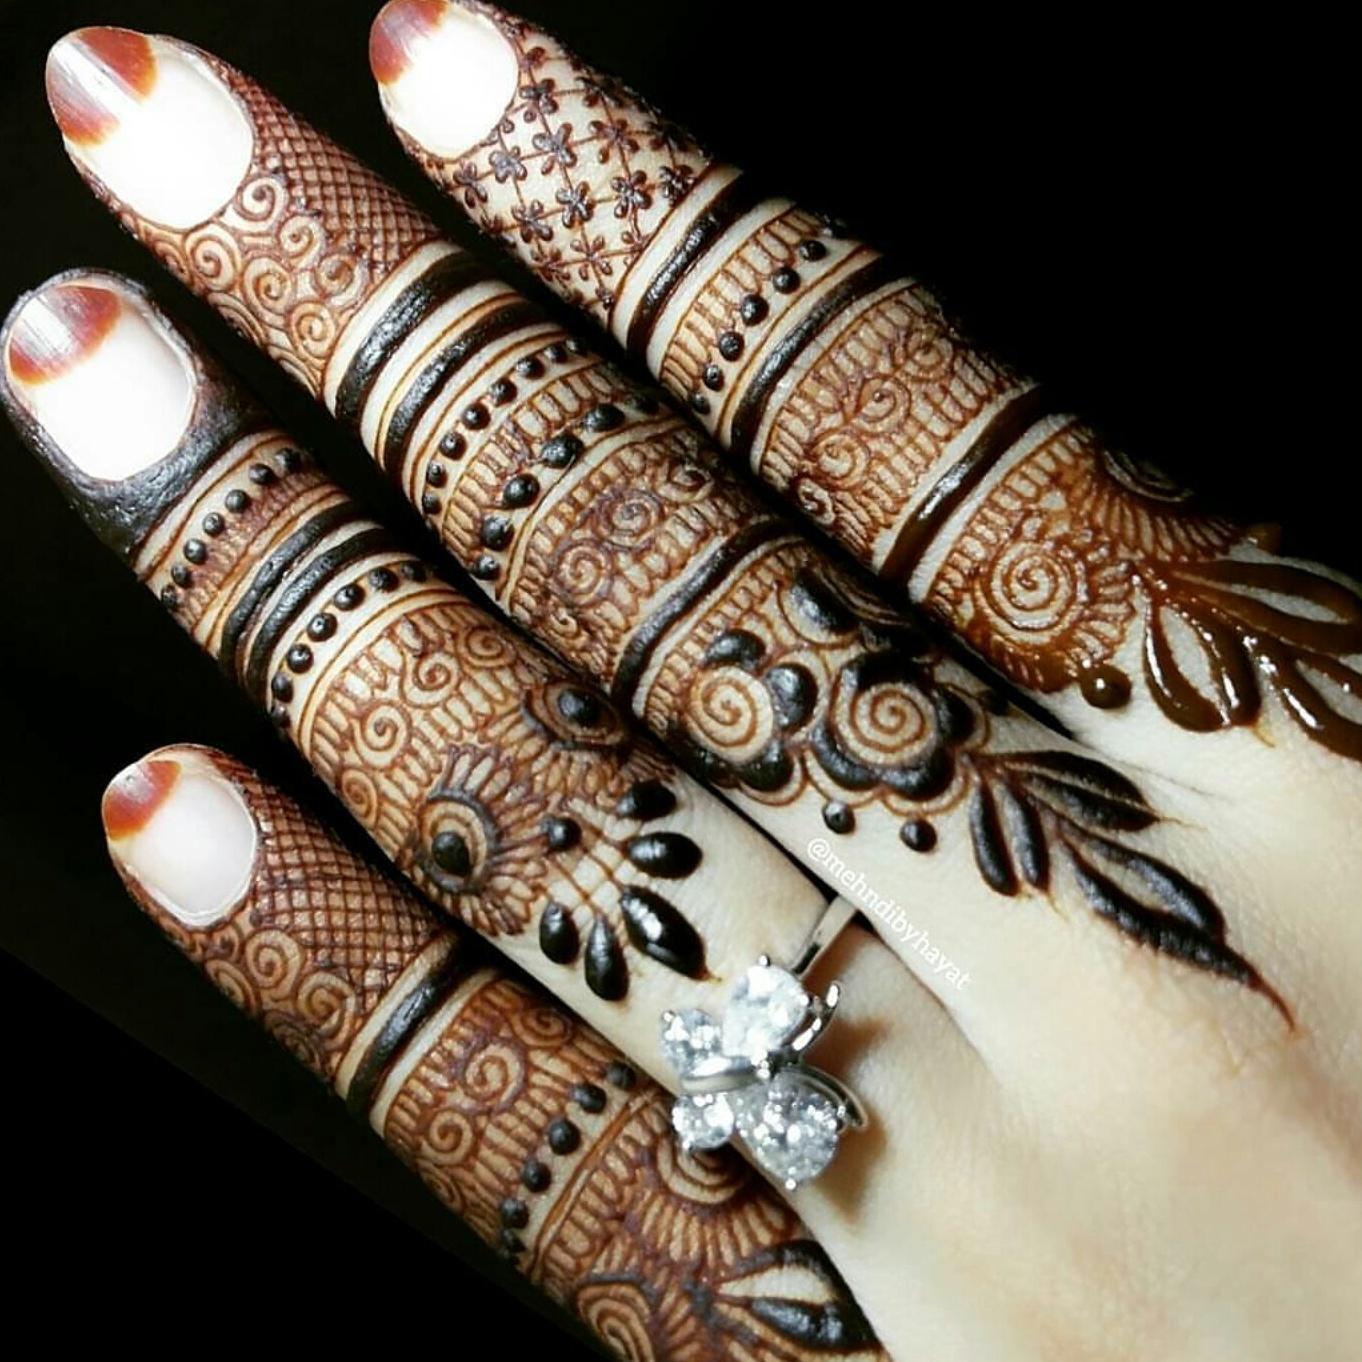 Finger Henna Designs Mehndi Designs For: Mehandi Designs: Finger Designs By Hayat